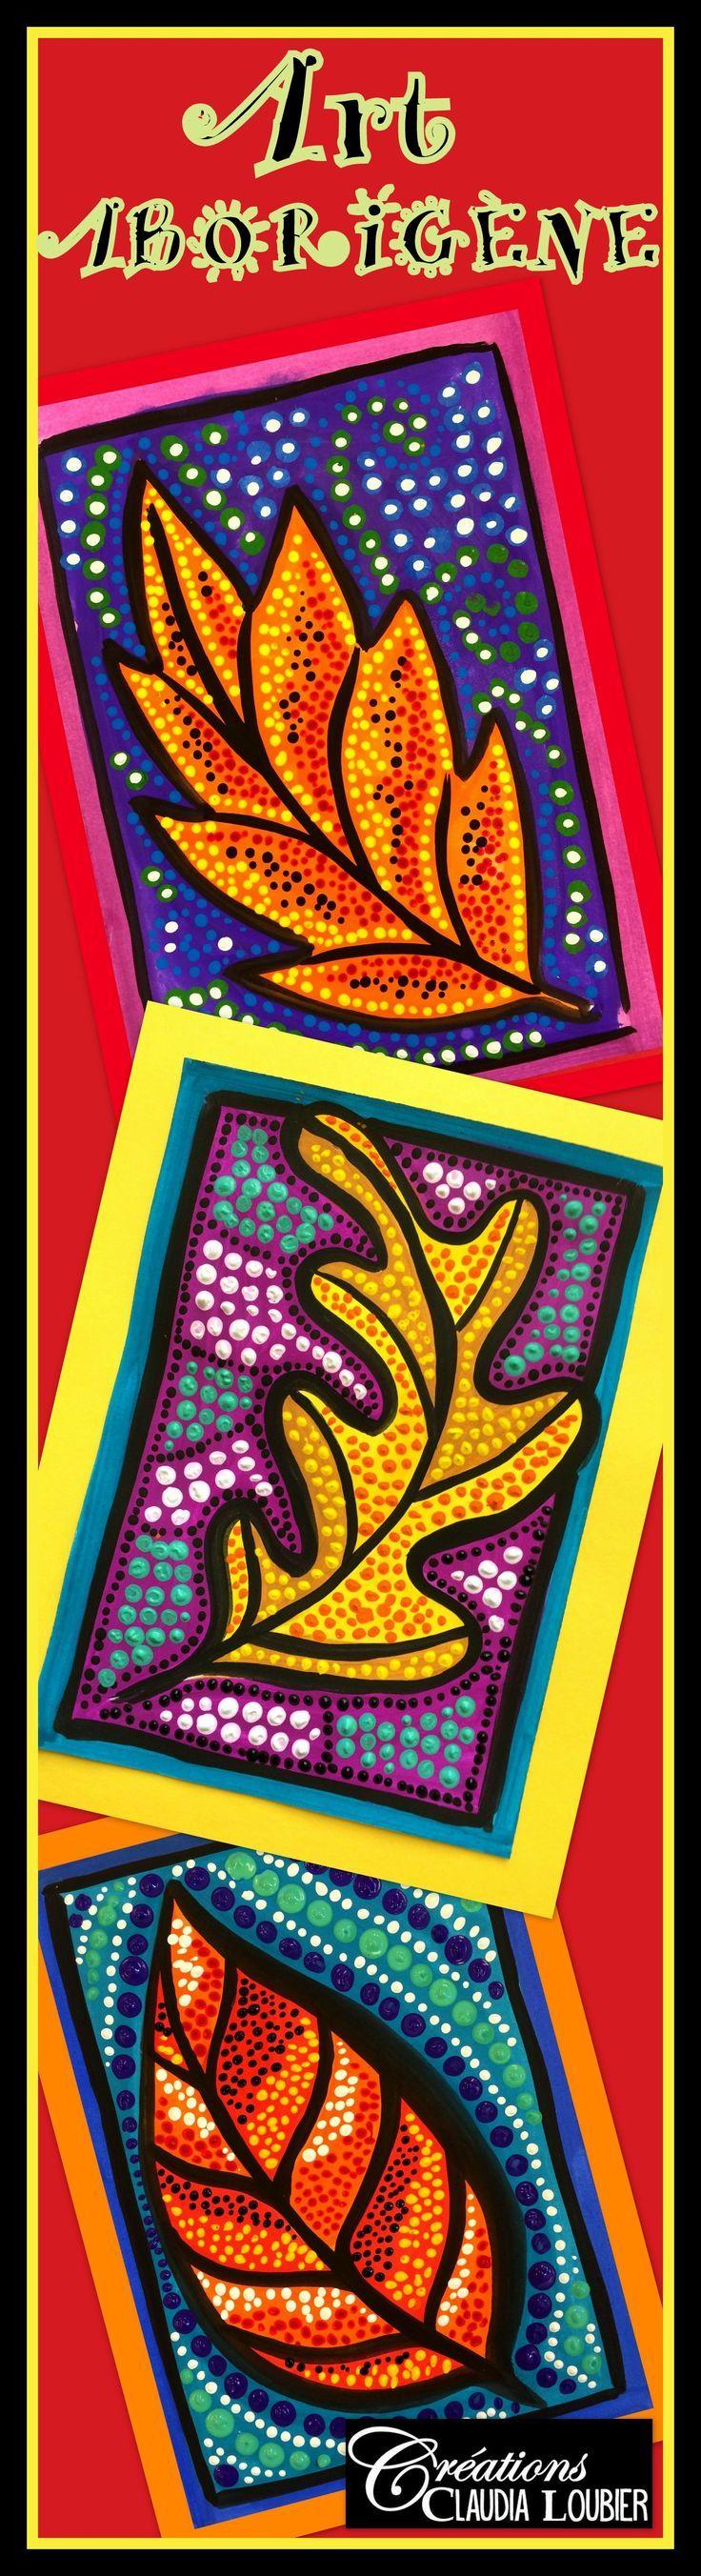 L'automne arrive à point ! Pourquoi ne pas la souligner avec ce projet d'art aborigène ?  Les aborigènes représentent souvent des Kangourous, des serpents, des lézards et beaucoup de symboles.  Dans ce projet, notre thème sera la feuille d'automne. Une belle façon de travailler les couleurs chaudes et froides.   Ce projet très complet vous aidera à initier vos élèves à l'art aborigène. Les élèves seront fiers de tous ces points et aussi surpris par leur